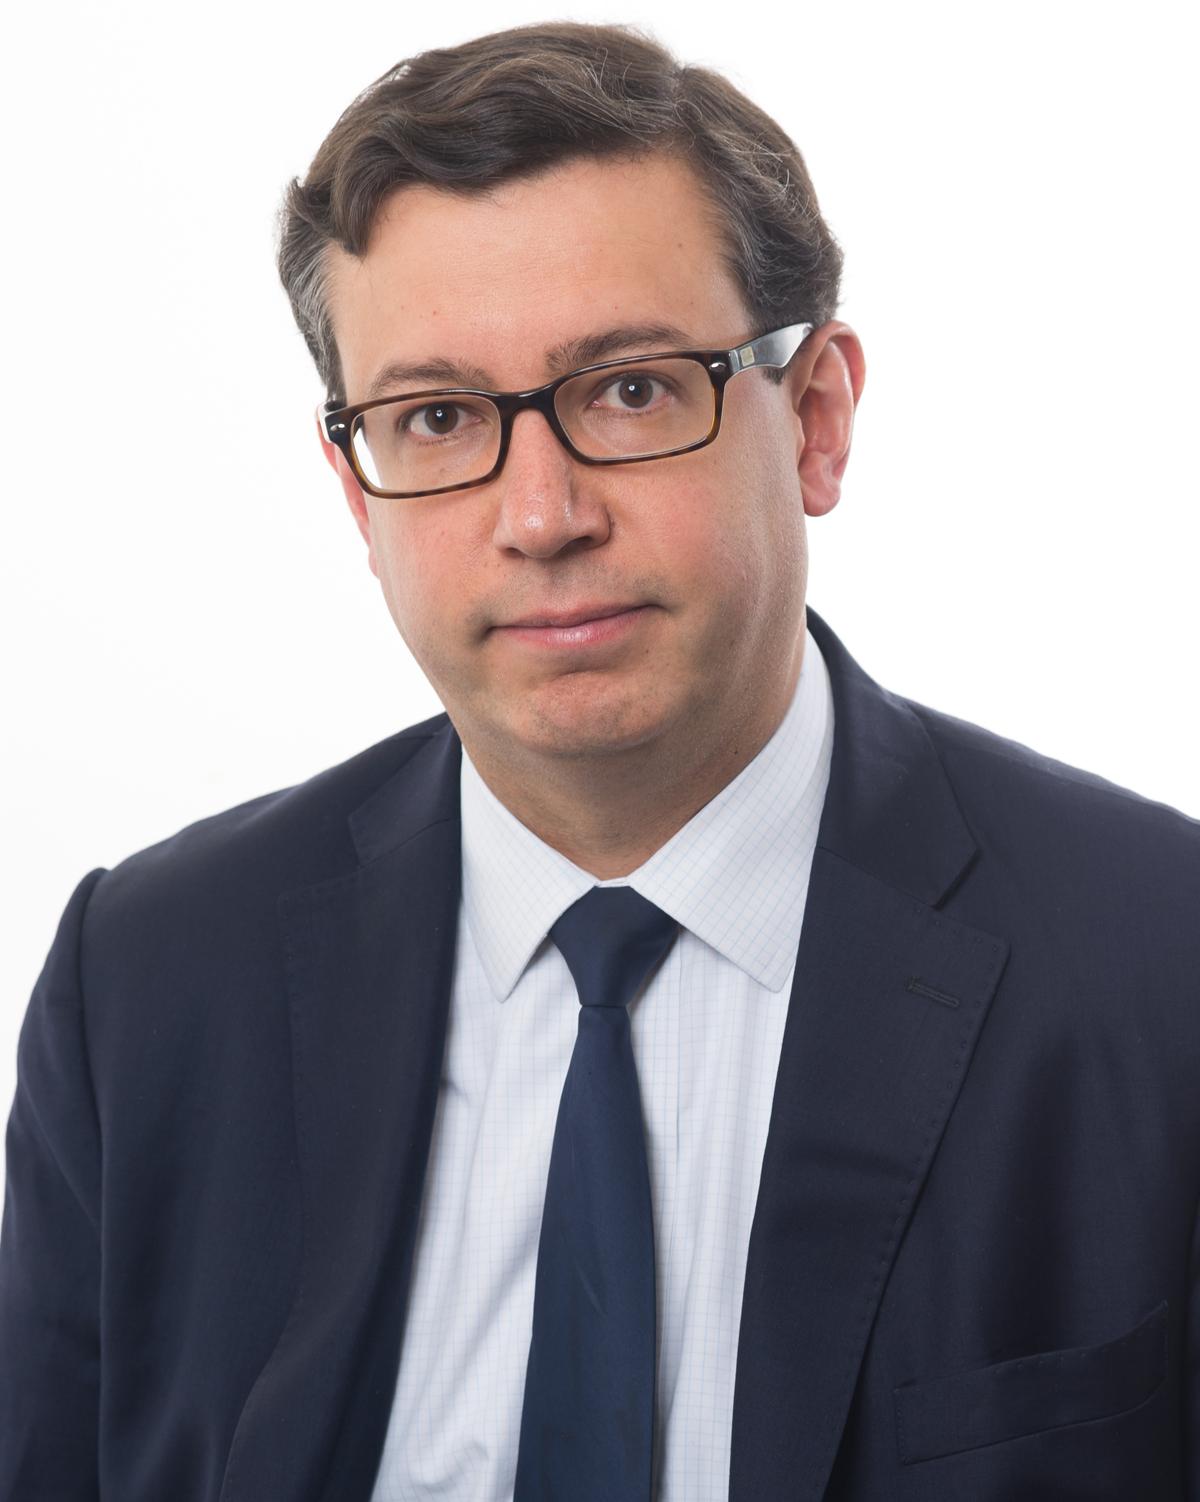 Mr. Eduardo Silva Romero